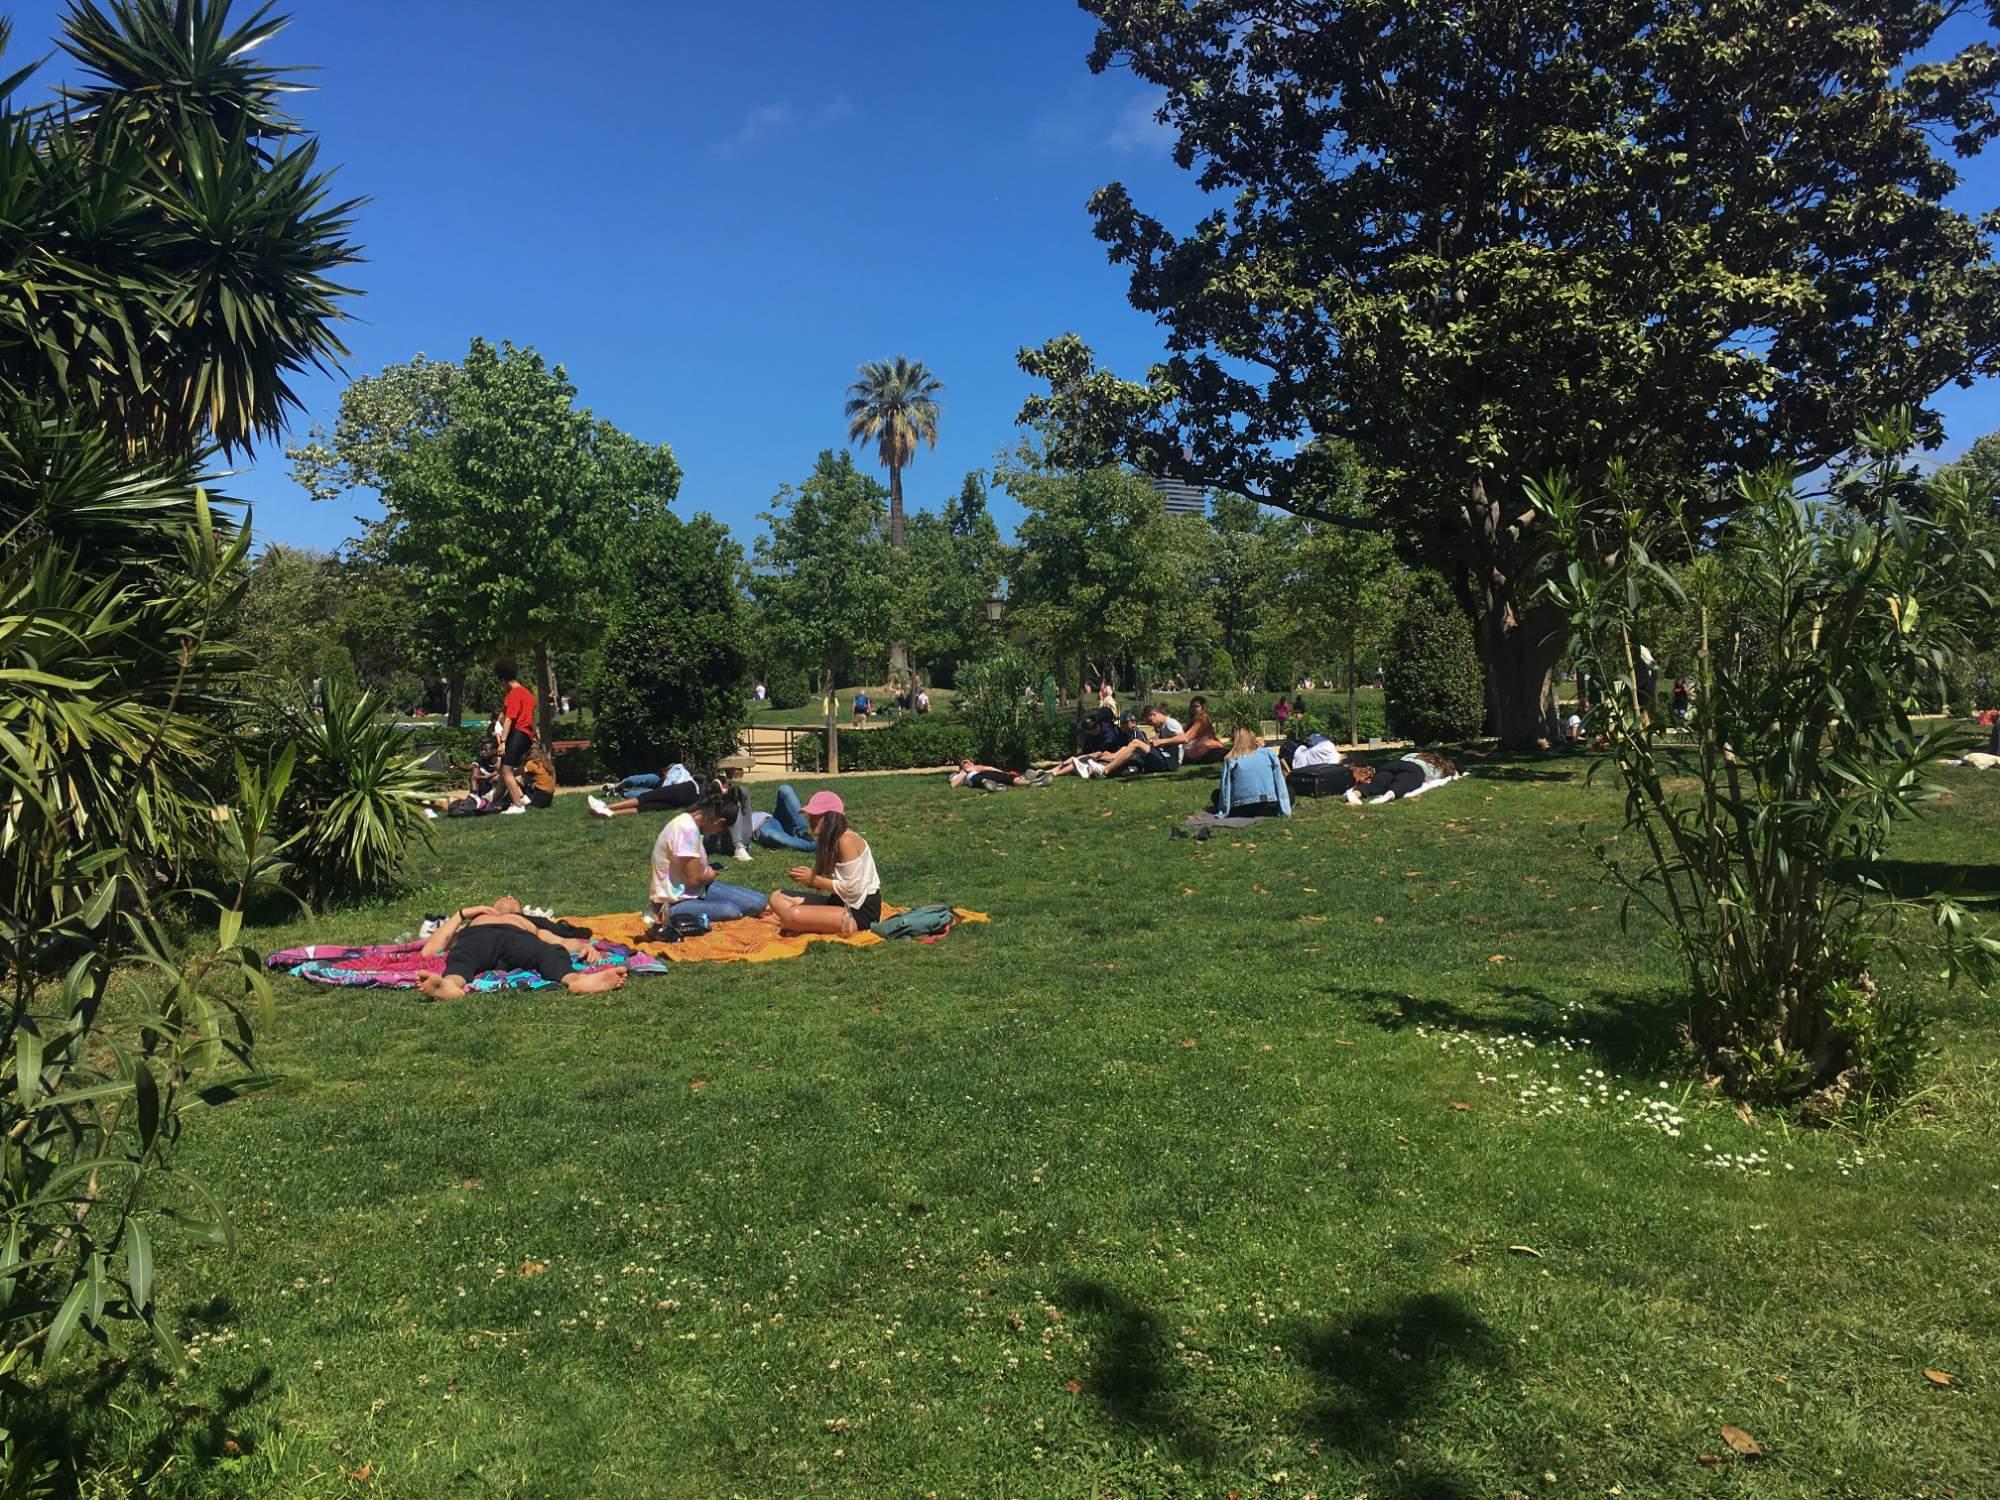 Parc de la Ciutadella  je místem klidu v srdci velkoměsta